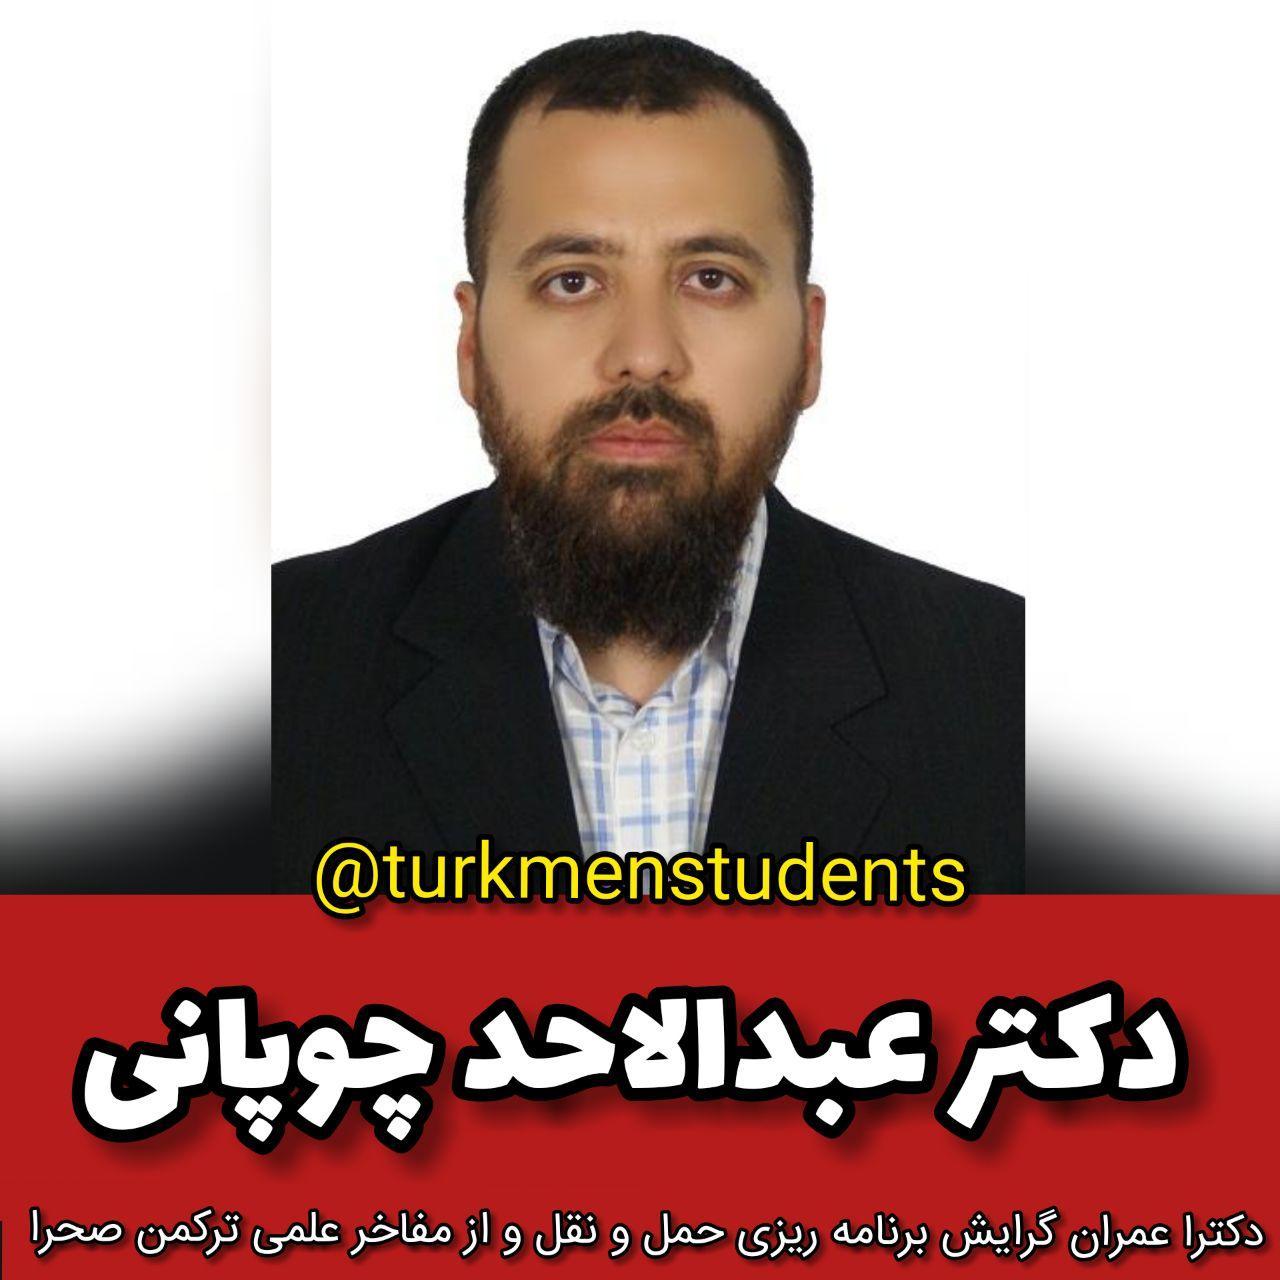 دکتر عبدالاحد چوپانی ، دکترا عمران گرایش برنامه ریزی حمل و نقل از مفاخر علمی ترکمن صحرا